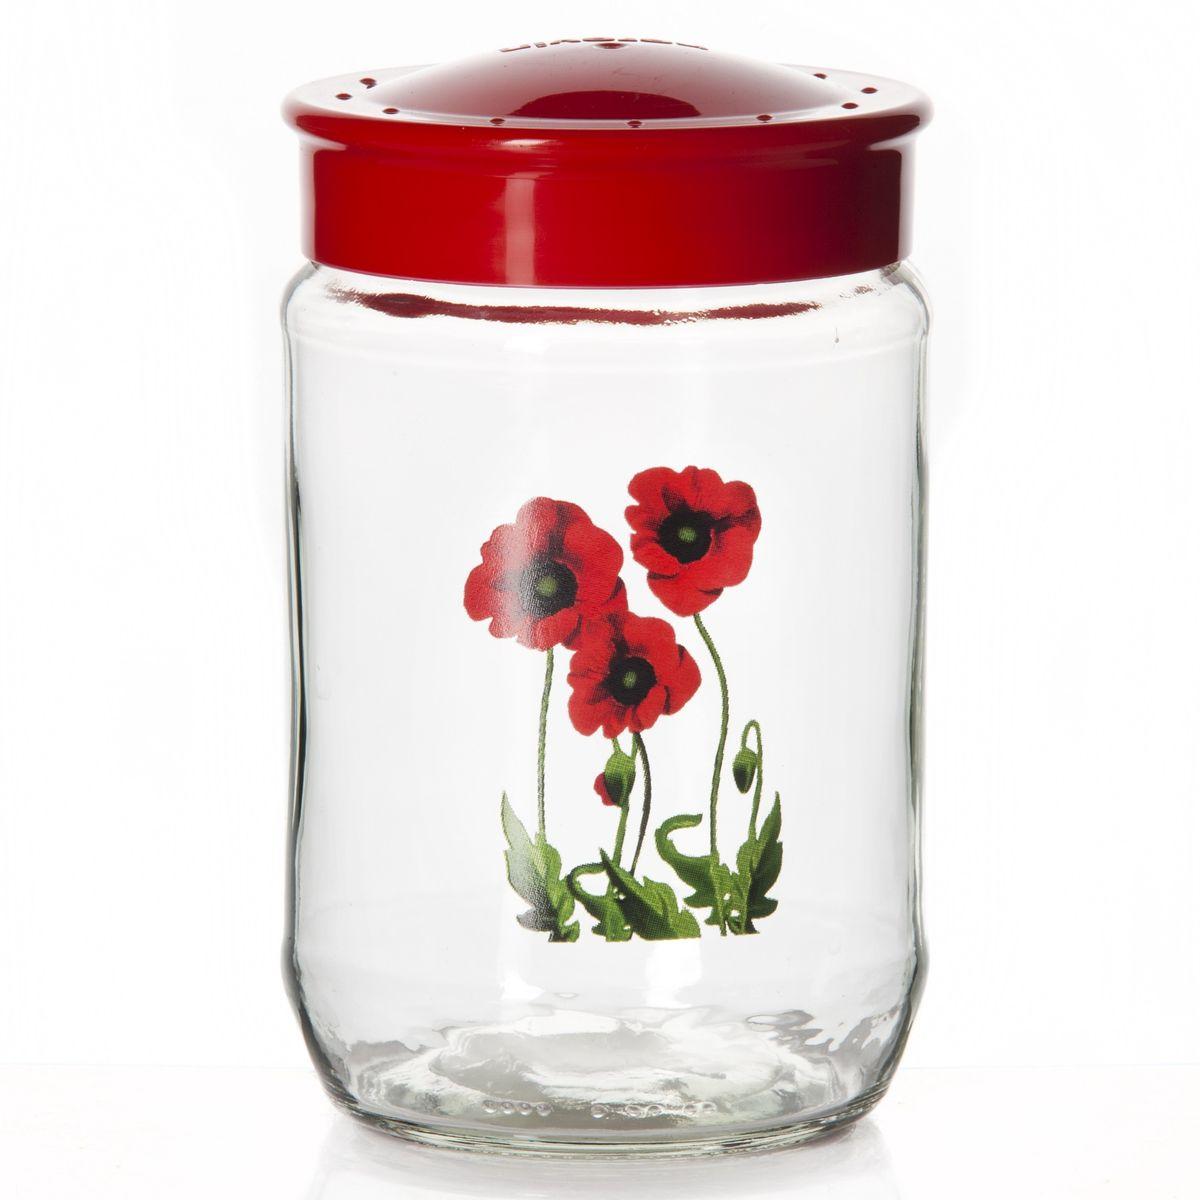 Банка для сыпучих продуктов Herevin, цвет: красный, 720 мл. 171109-000171109-000Банка для сыпучих продуктов Herevin, изготовленная из прочного стекла, декорирована изображением цветов. Банка оснащена плотно закрывающейся пластиковой крышкой. Благодаря этому внутри сохраняется герметичность, ипродукты дольше остаются свежими. Изделие предназначено для храненияразличных сыпучих продуктов: круп, чая, сахара, орехов и т.д.Функциональная и вместительная, такая банка станет незаменимым аксессуаромна любой кухне.Можно мыть в посудомоечной машине. Пластиковые части рекомендуется мытьвручную. Объем: 720 мл. Диаметр (по верхнему краю): 7,5 см. Высота банки (без учета крышки): 14 см.